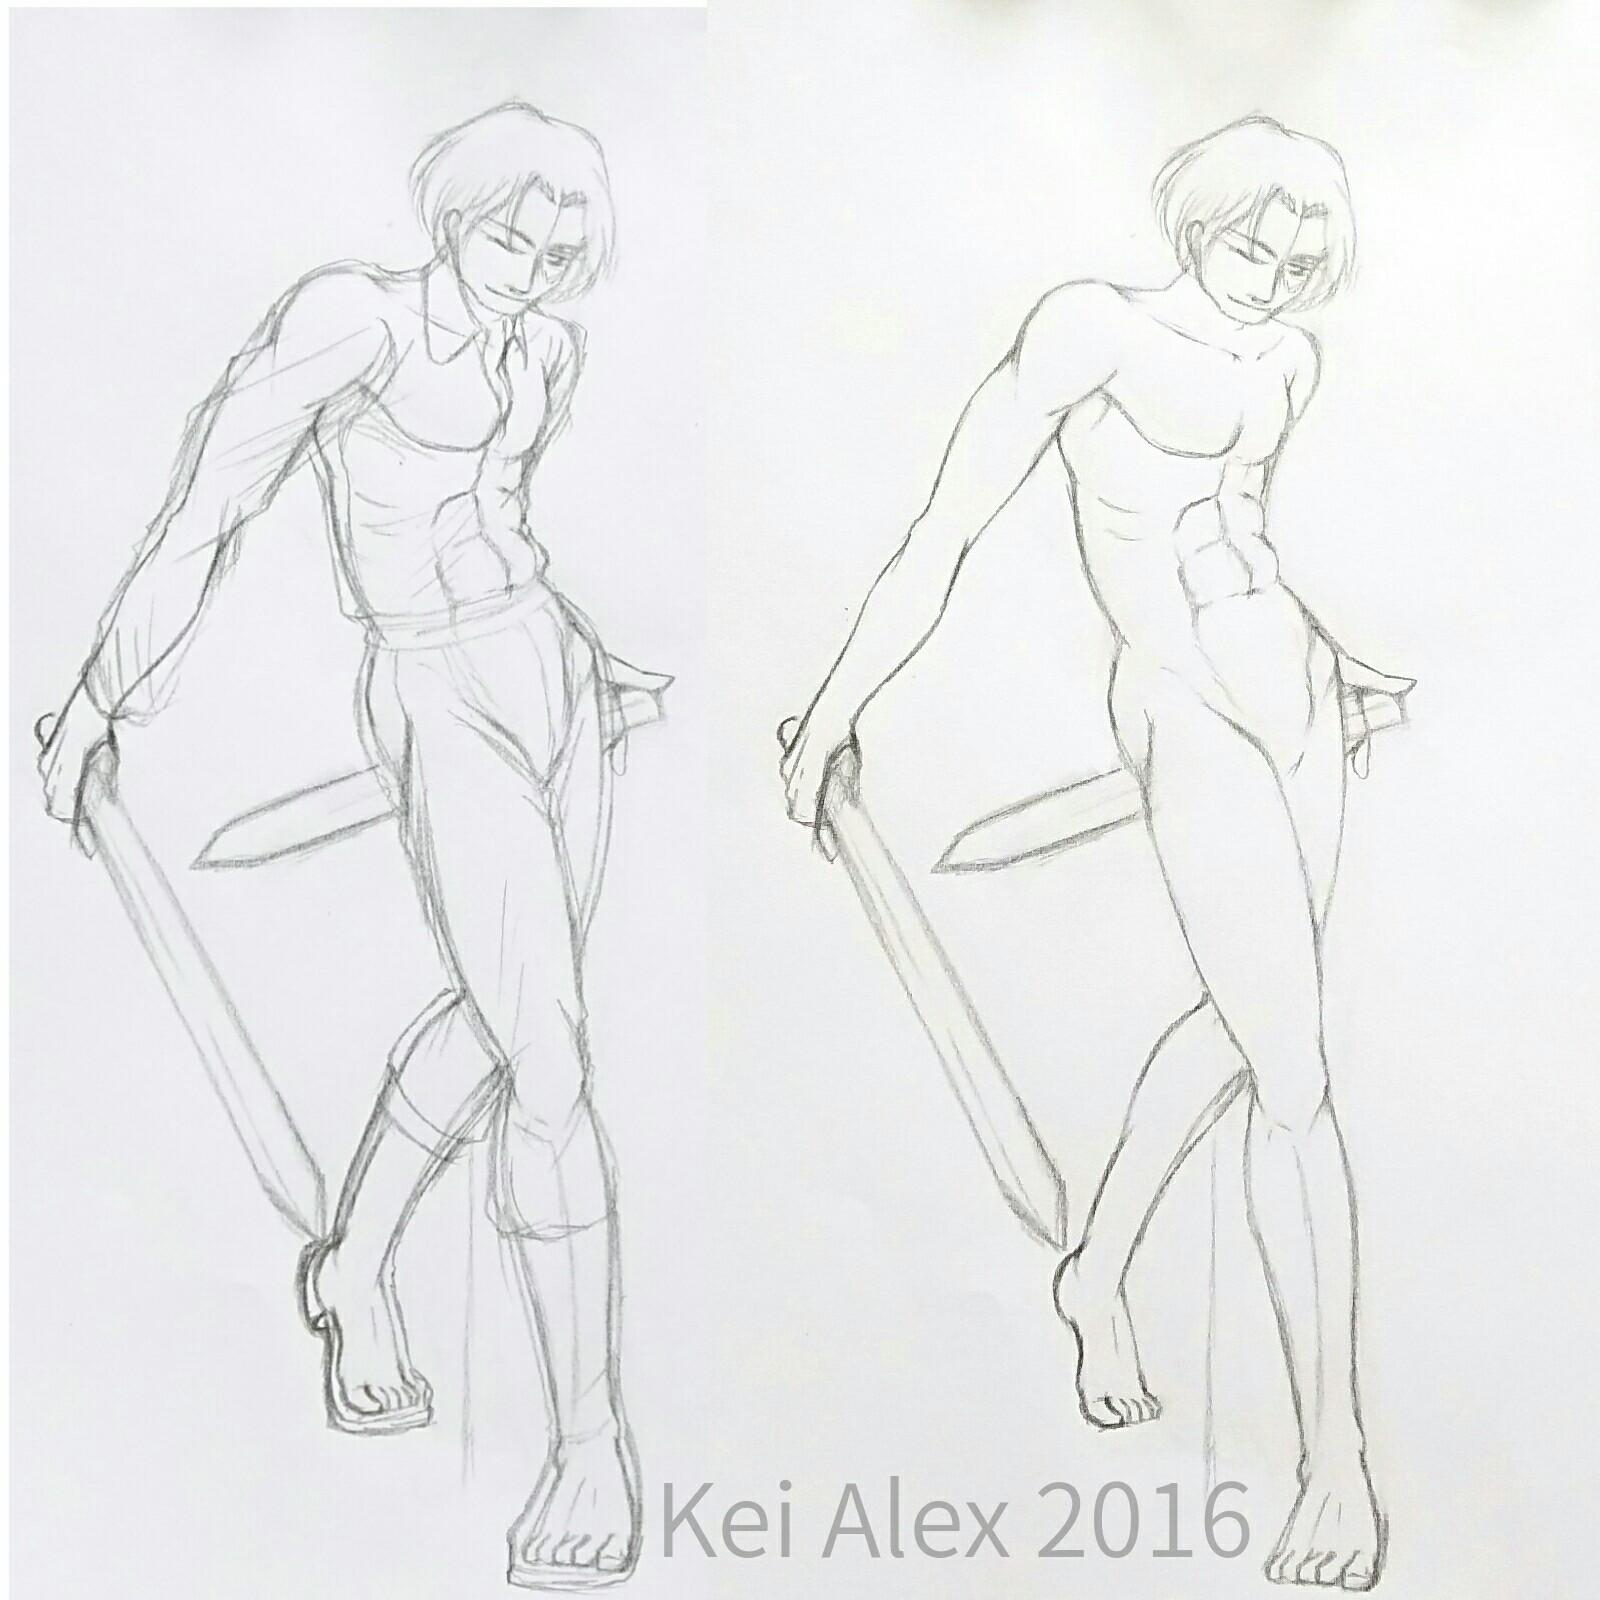 f:id:kei-alex:20160309143437j:image